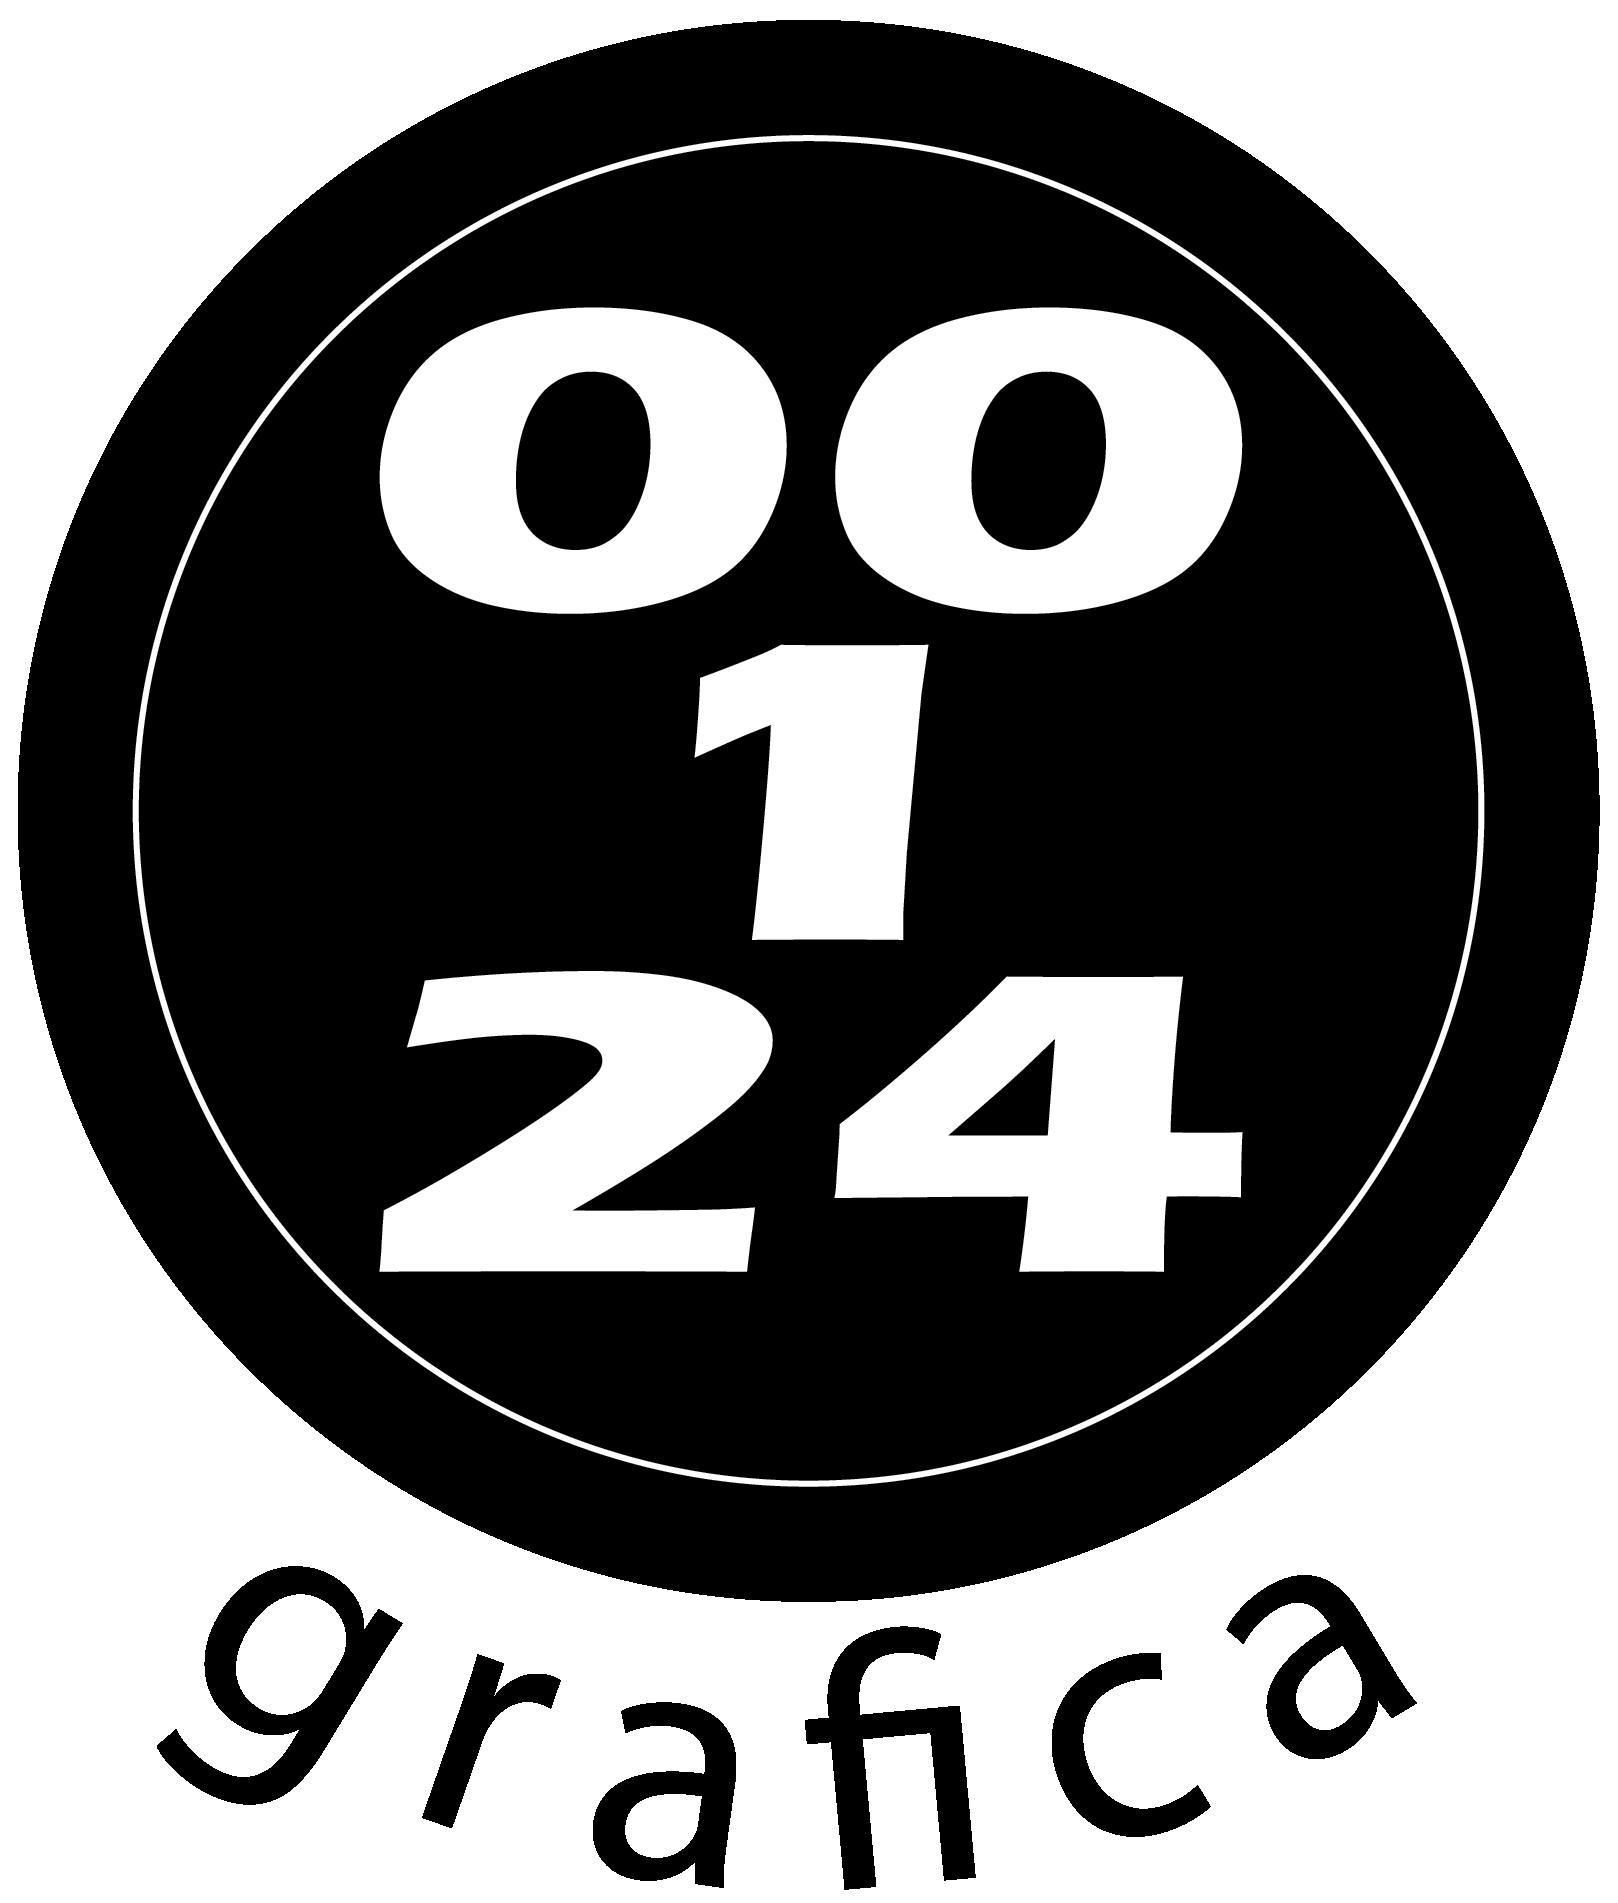 logo-ufficio-01